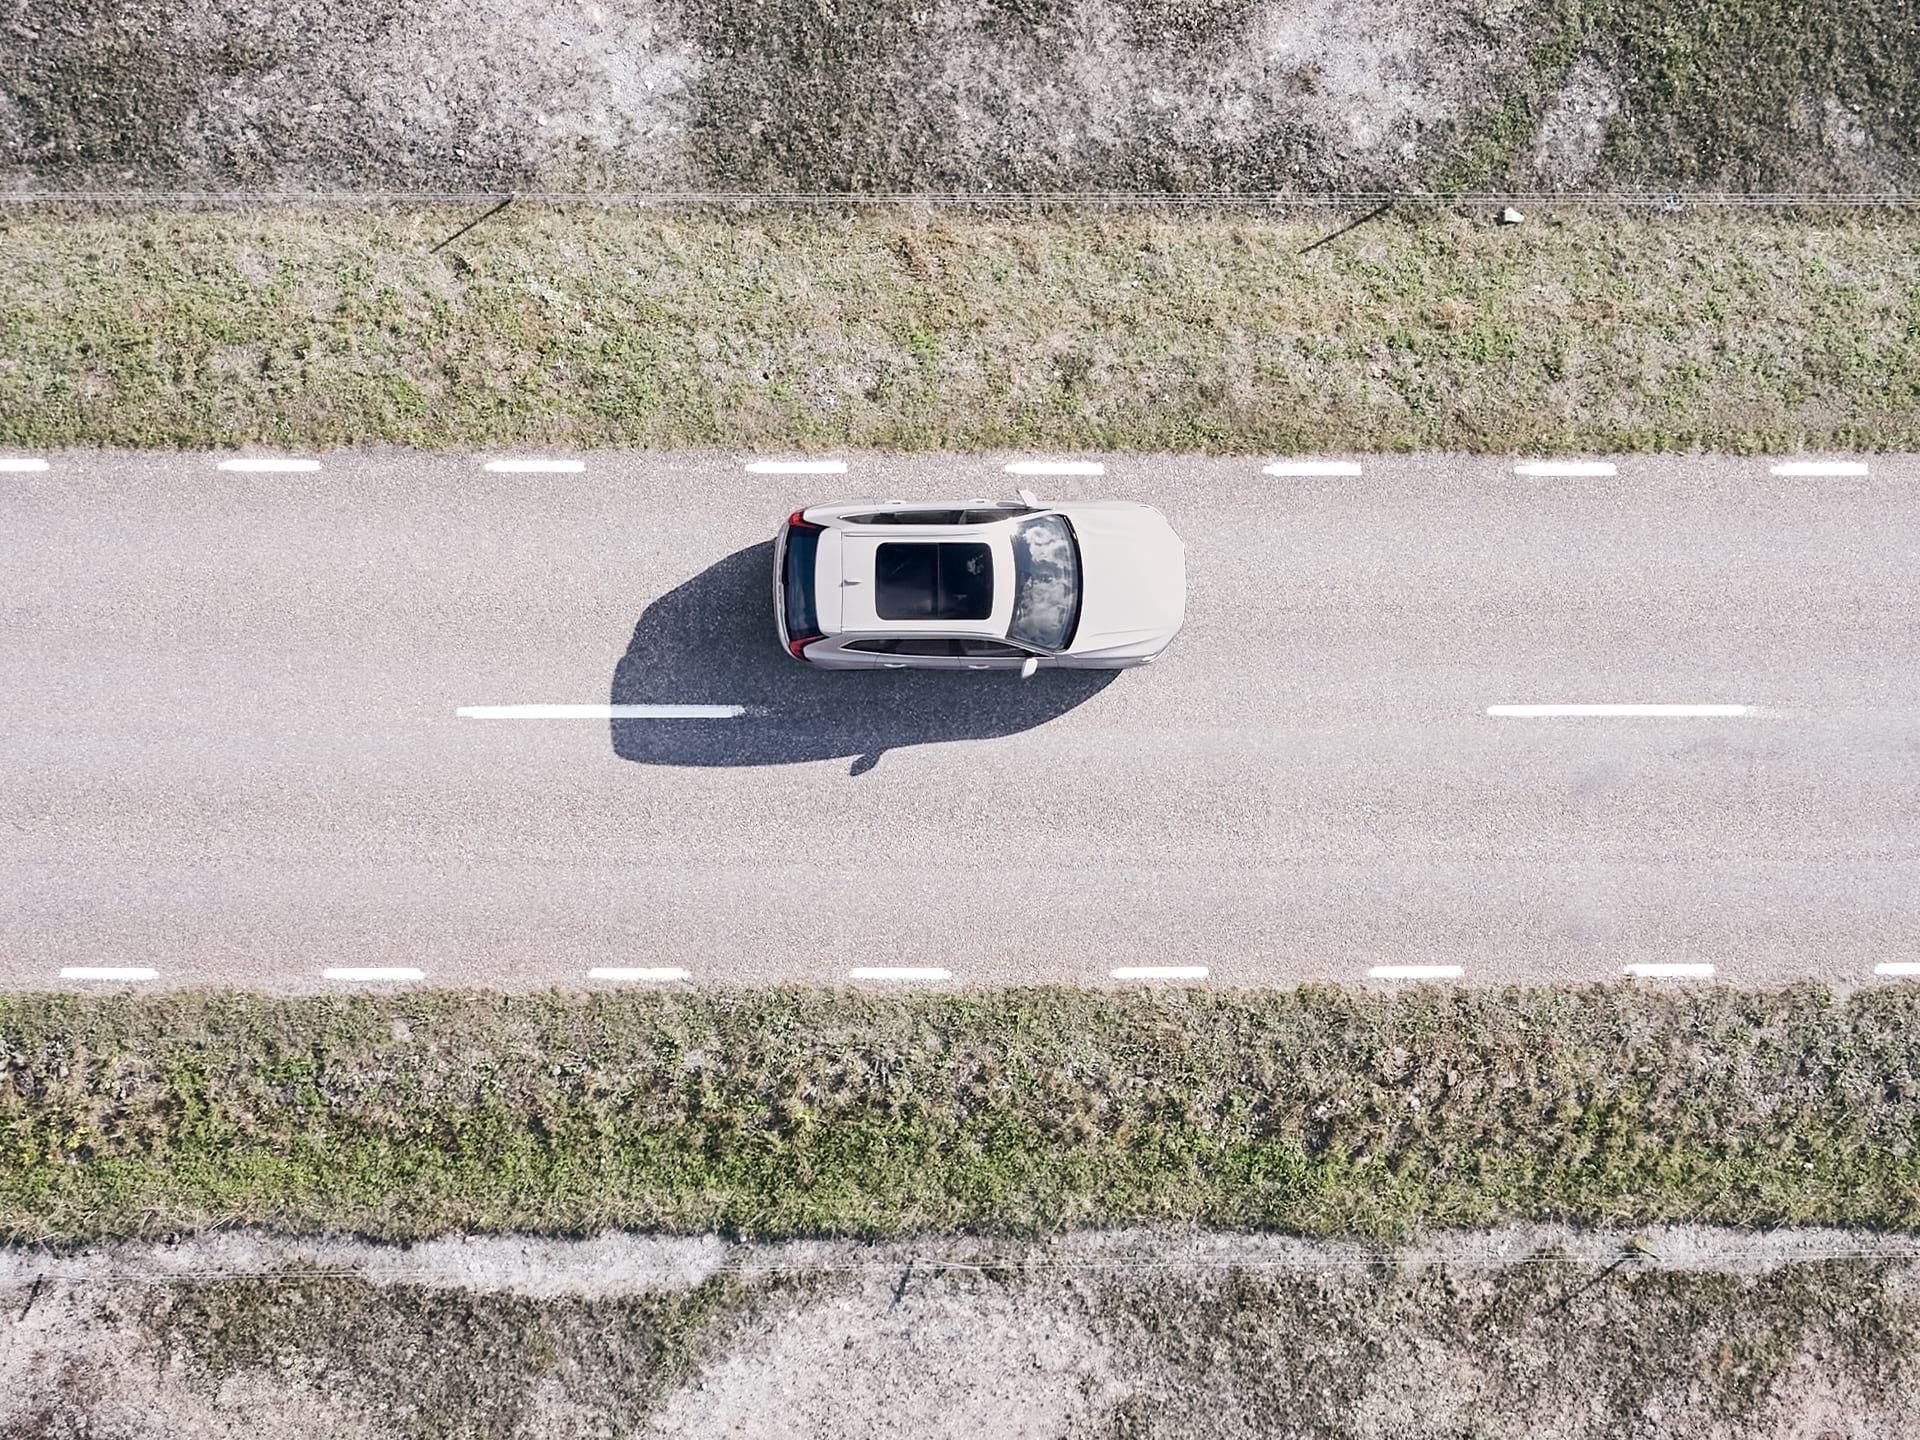 Volvo XC60 med avanceret førerassisterende teknologi.